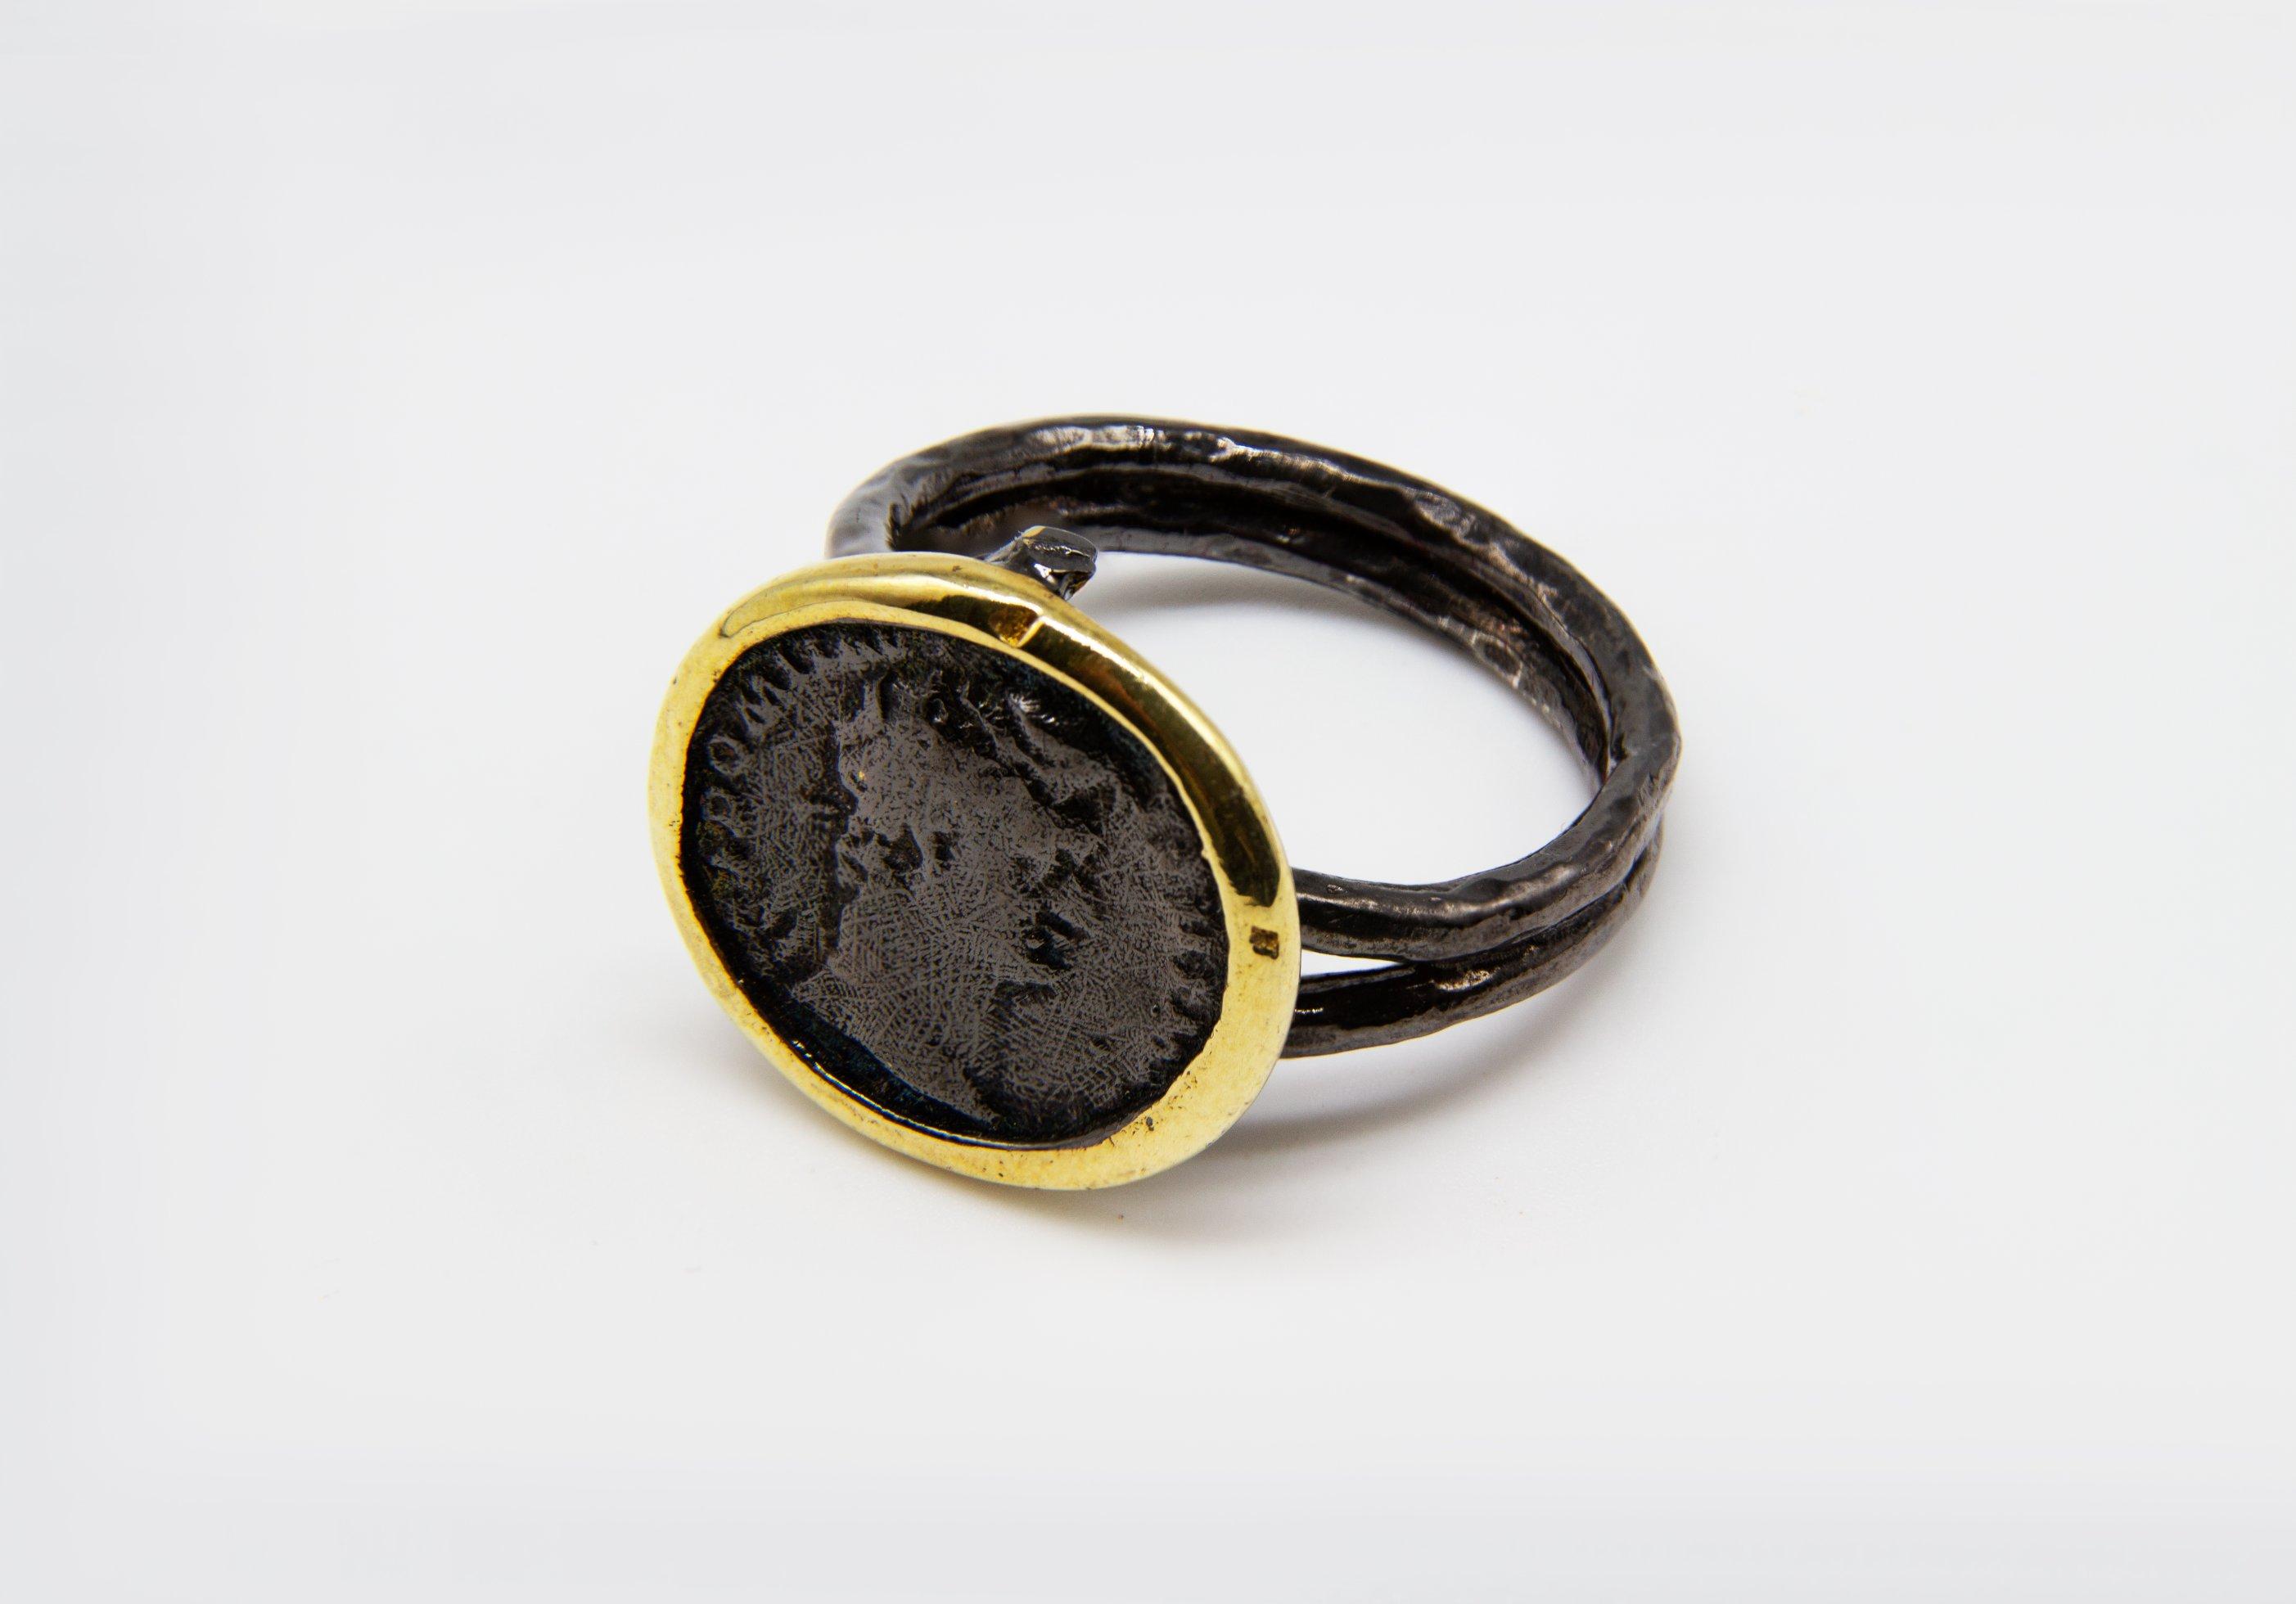 טבעת שחורה מכסף עם הטבעה